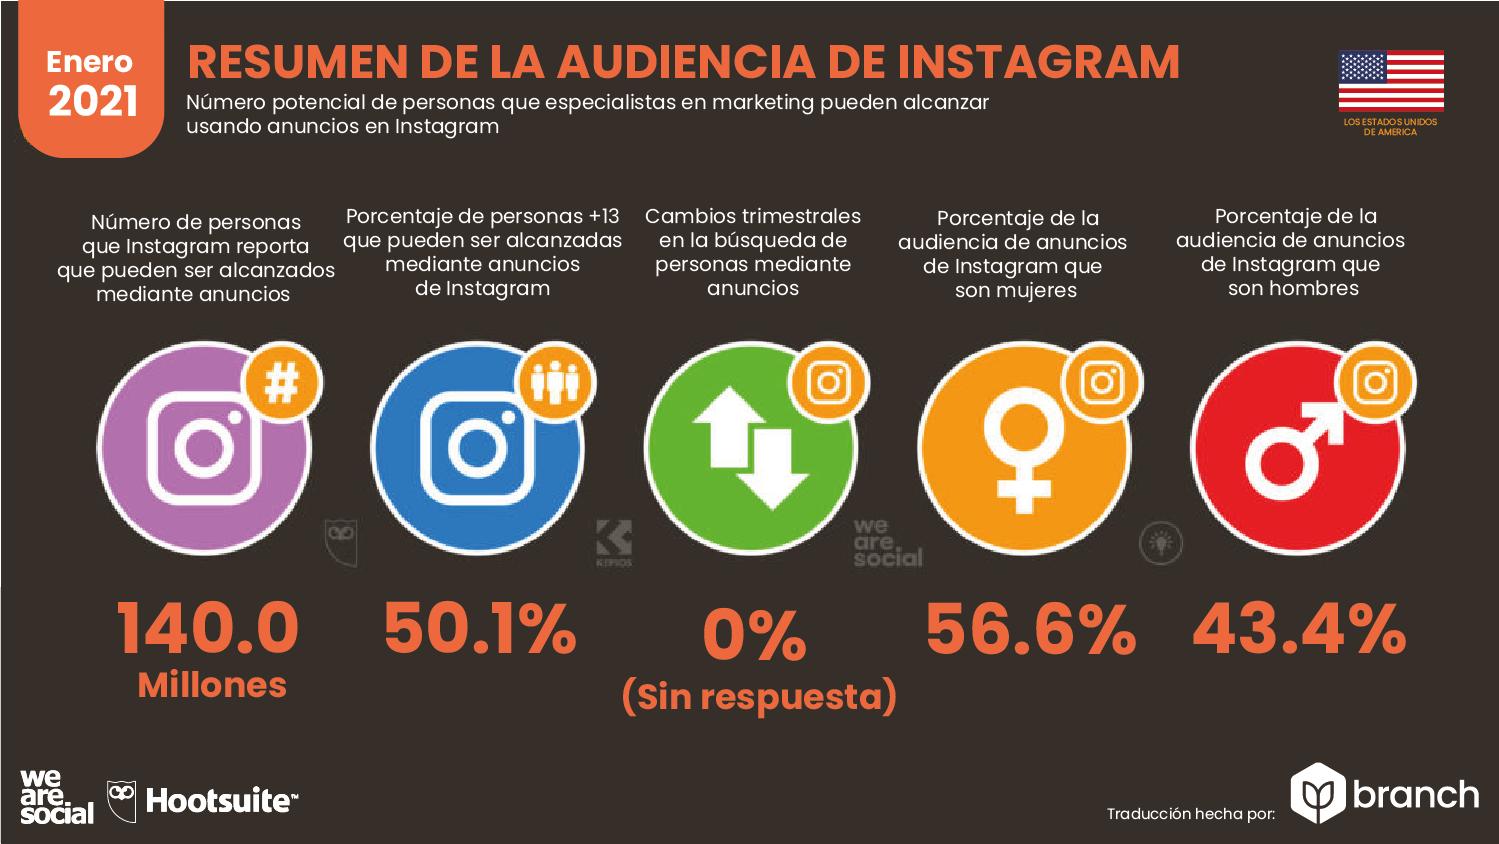 audiencia-de-instagram-en-usa-2020-2021